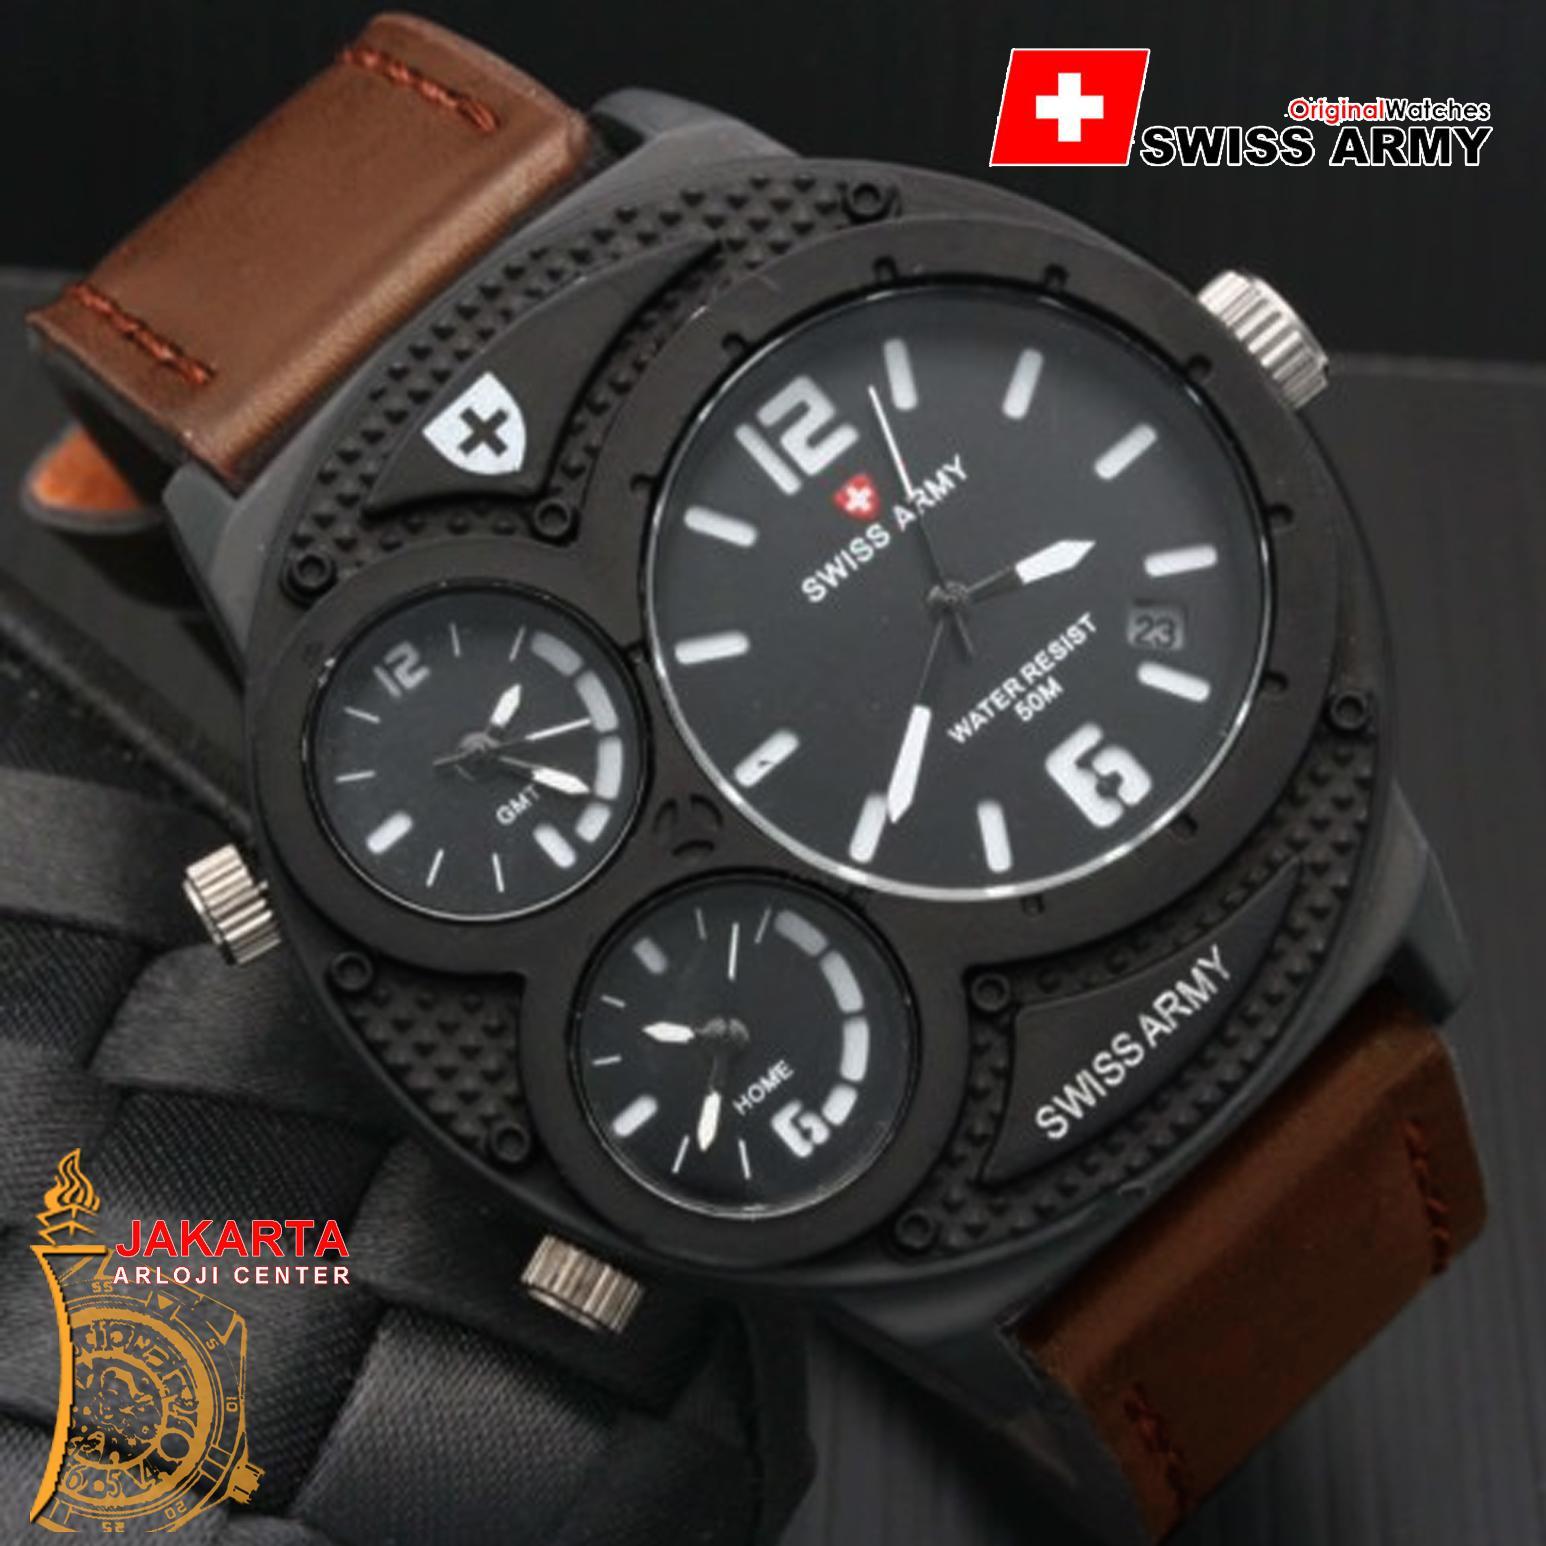 Swiss Army Triple Time - Jam Tangan Pria - Tali Kulit - Tanggal Aktif - Jam